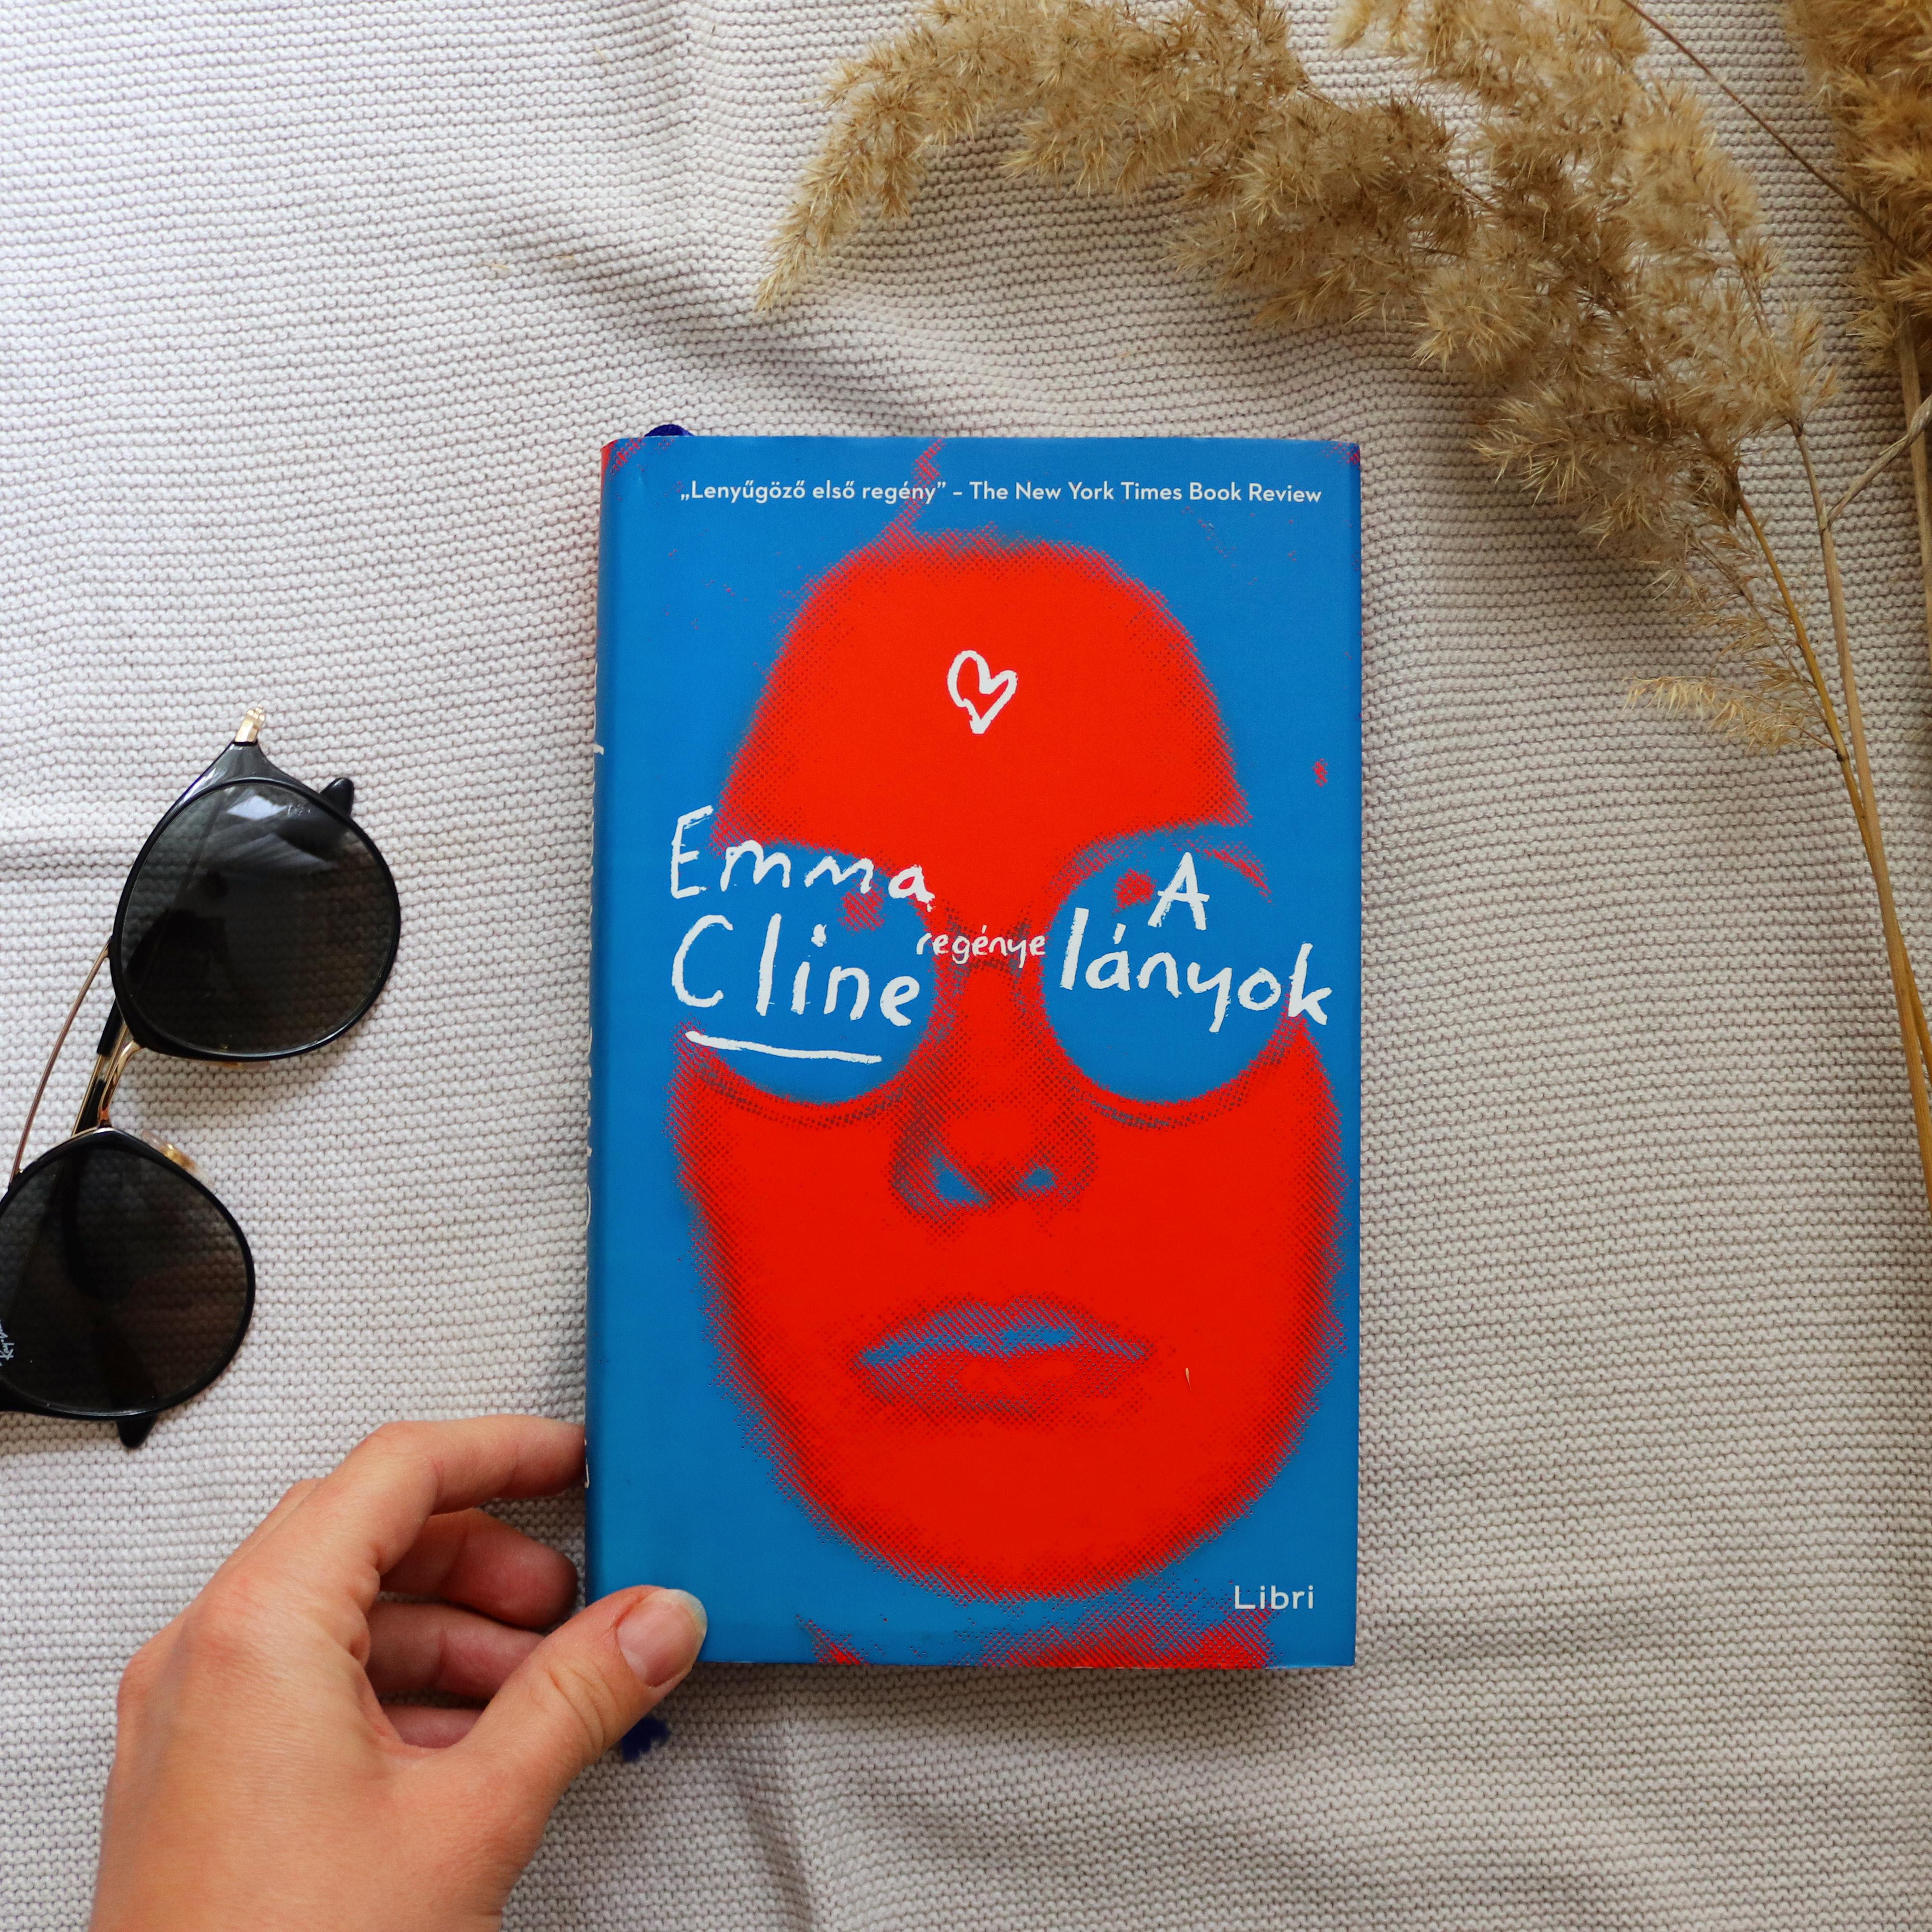 Melankolikus regény a Charles Mansont körülvevő lányokról